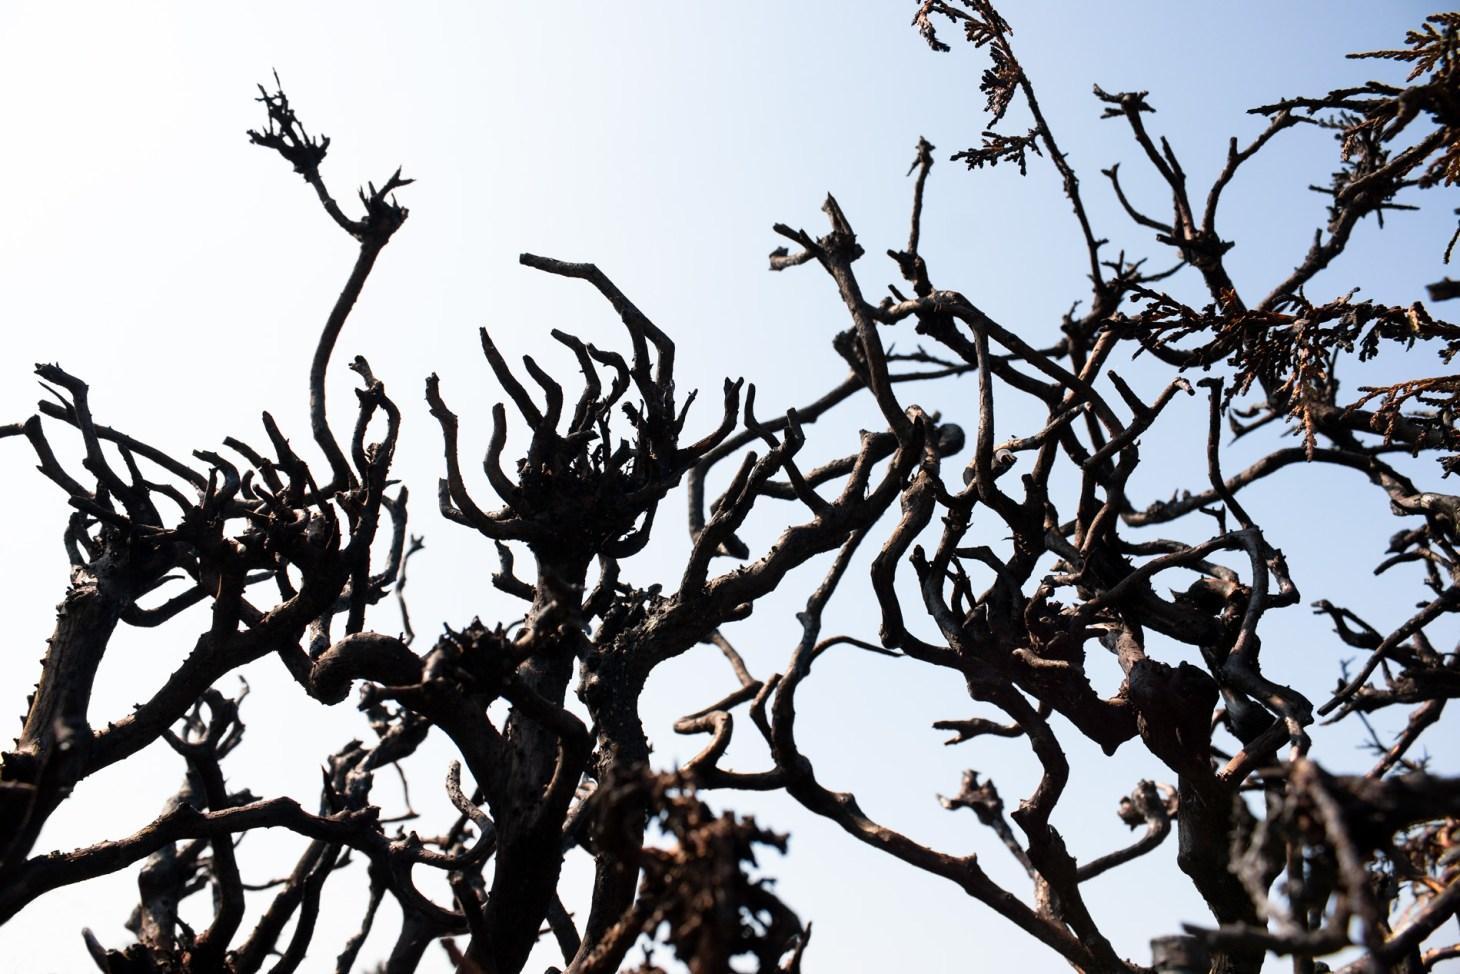 verbrannte Zweige ragen in den Himmel